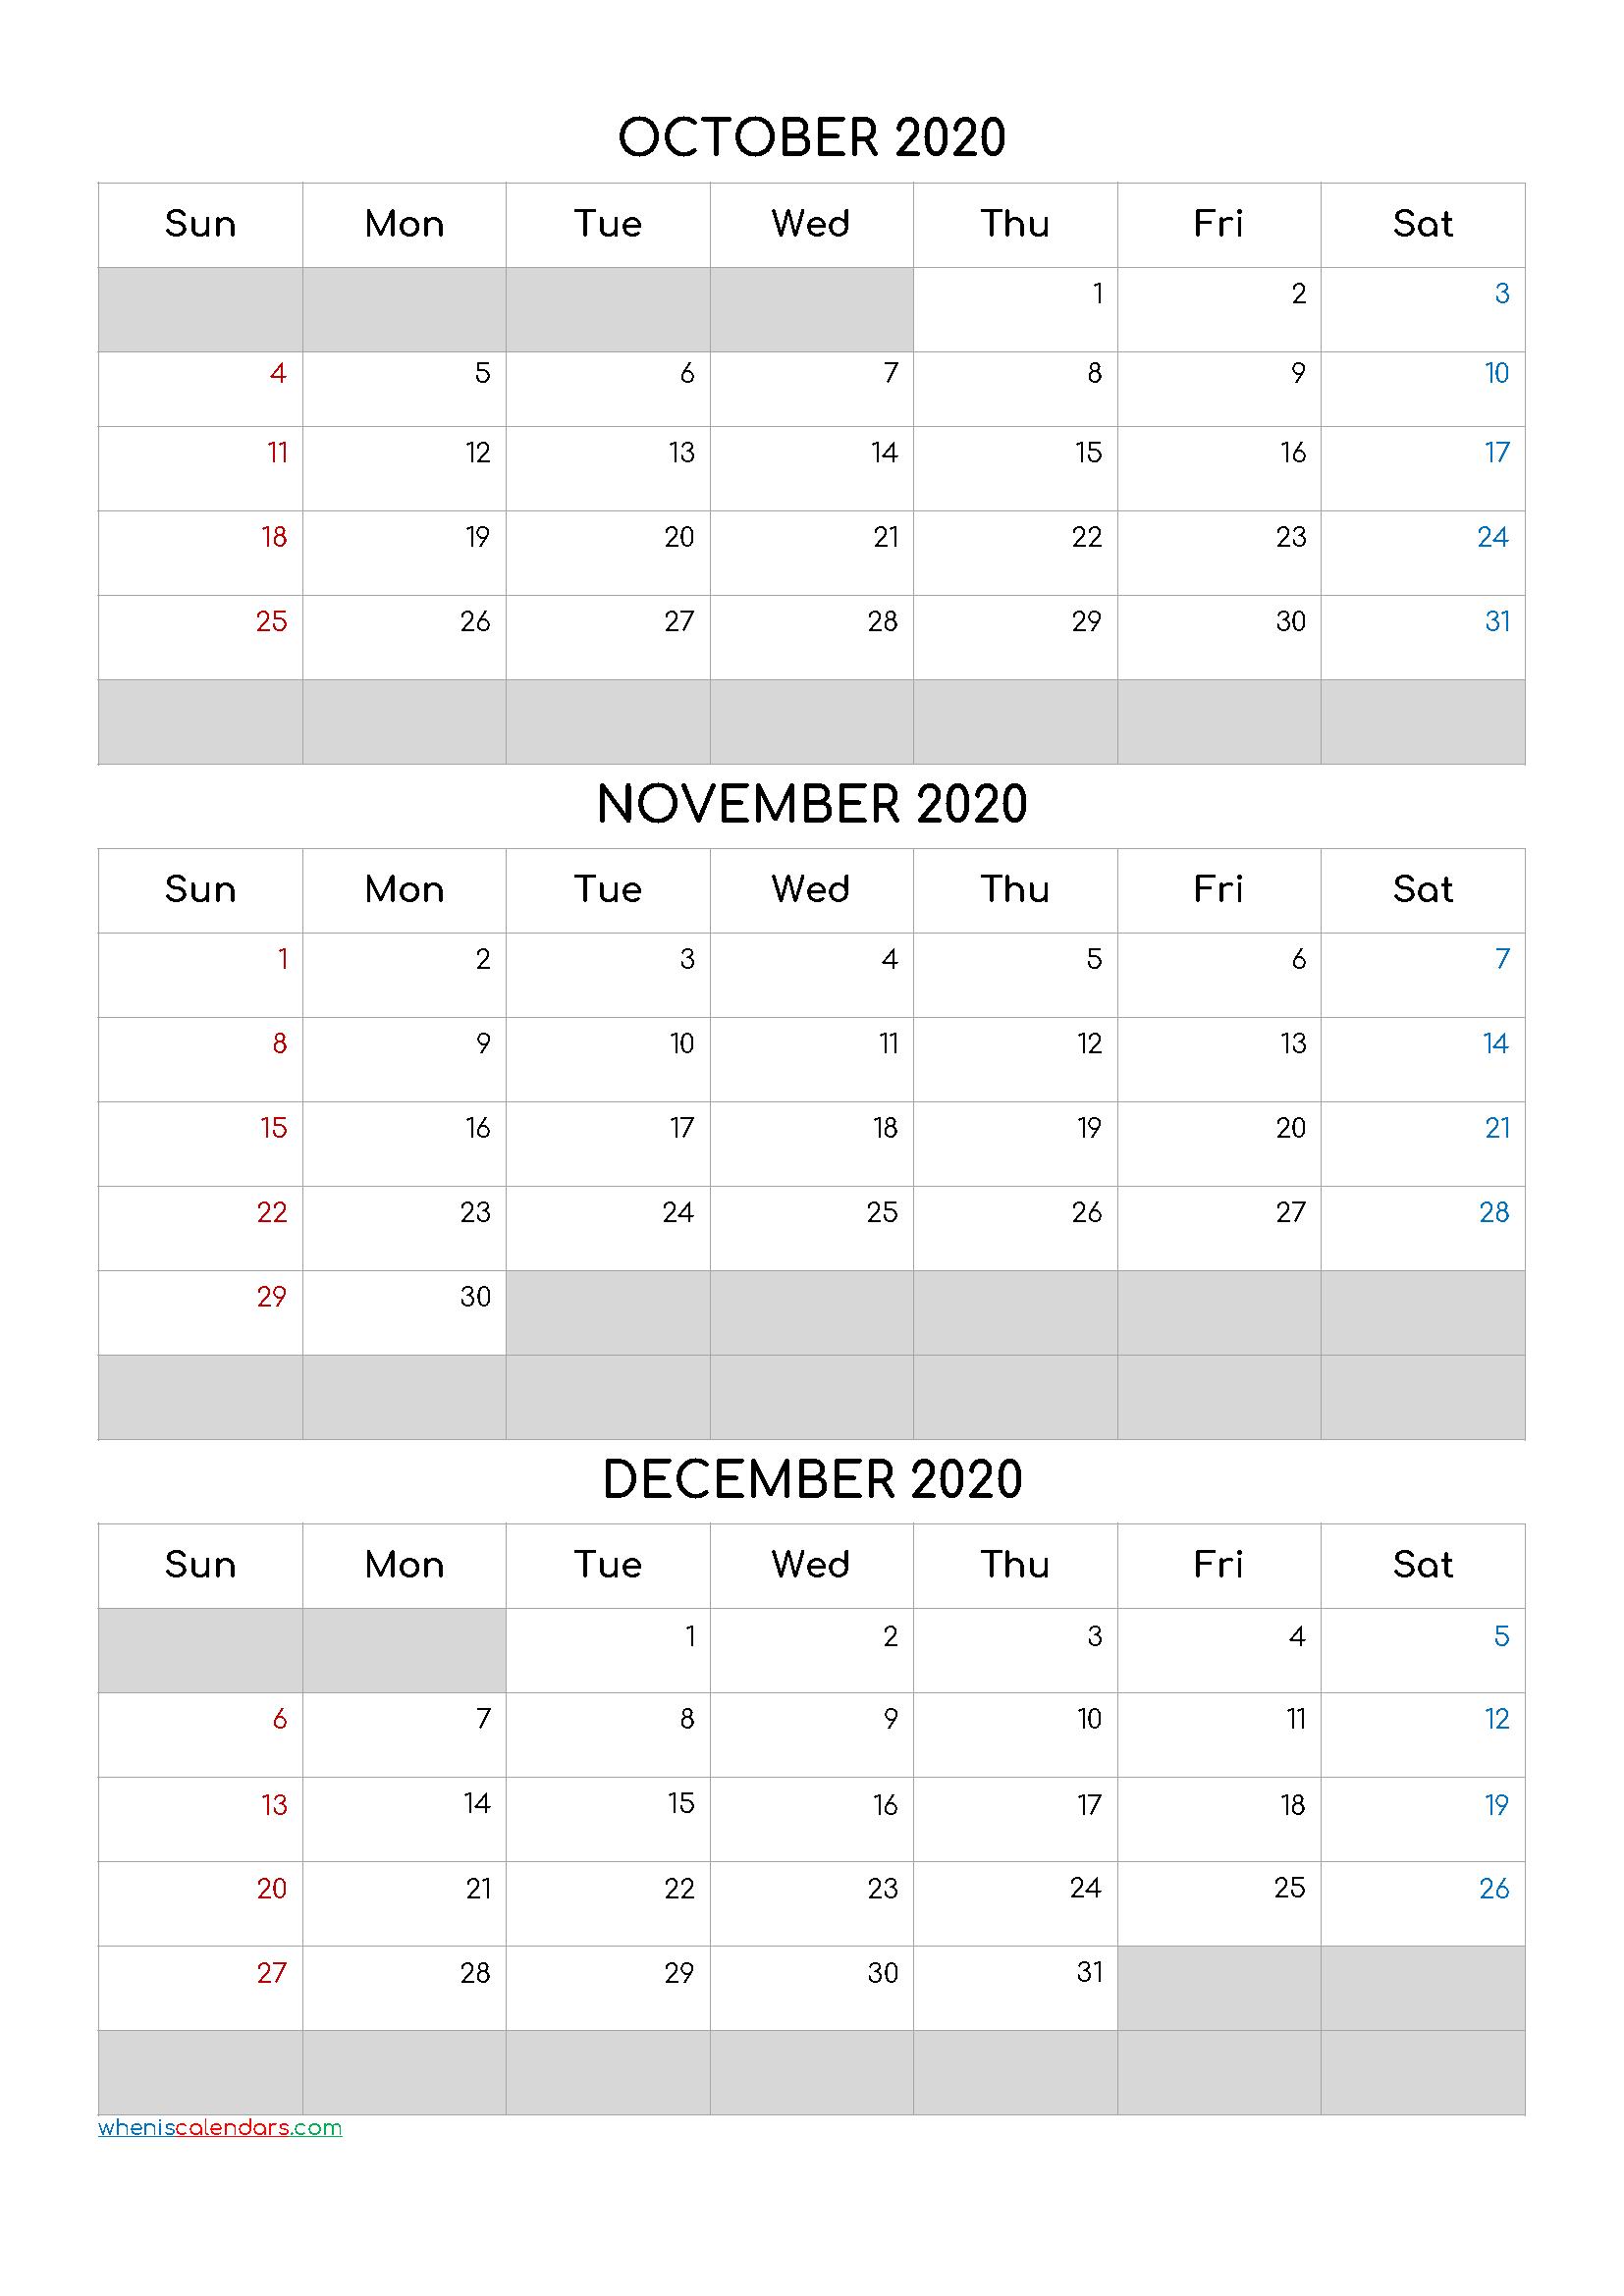 Free Calendar October November December 2020